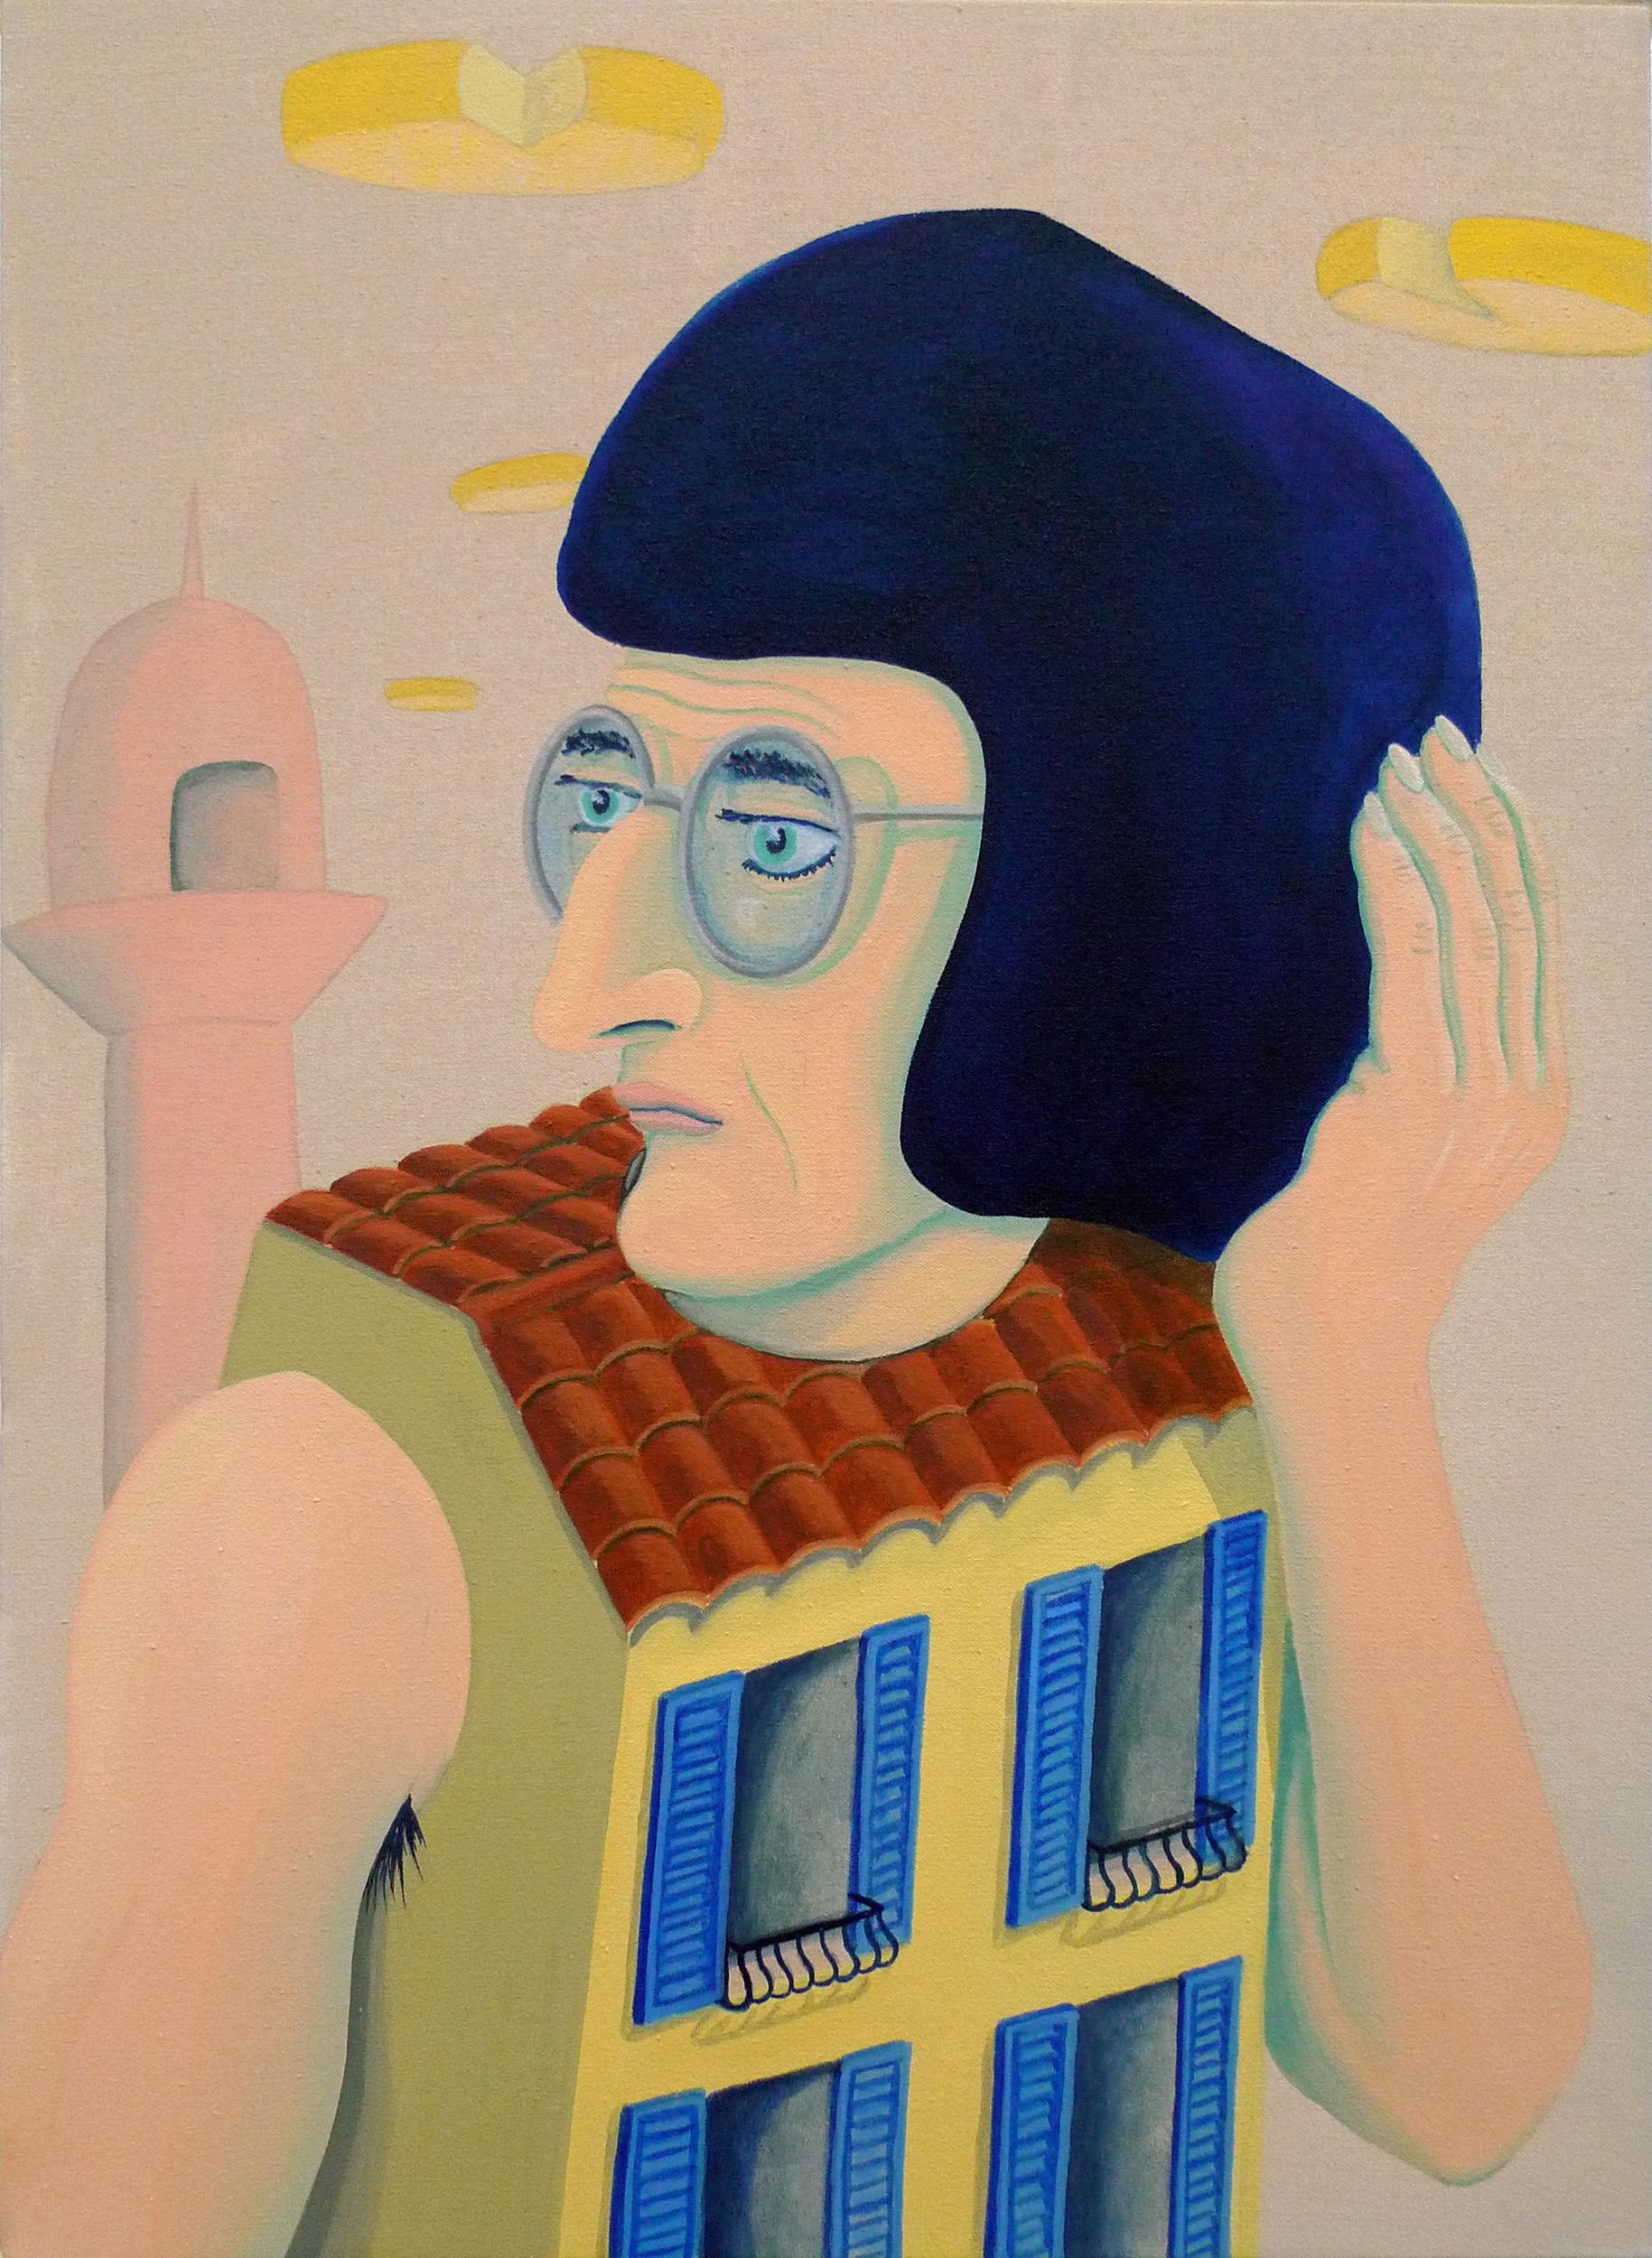 Yé-Yé in the Surveillance Age  2017 Oil and acrylic on canvas, 58.5 x 42.5 cm